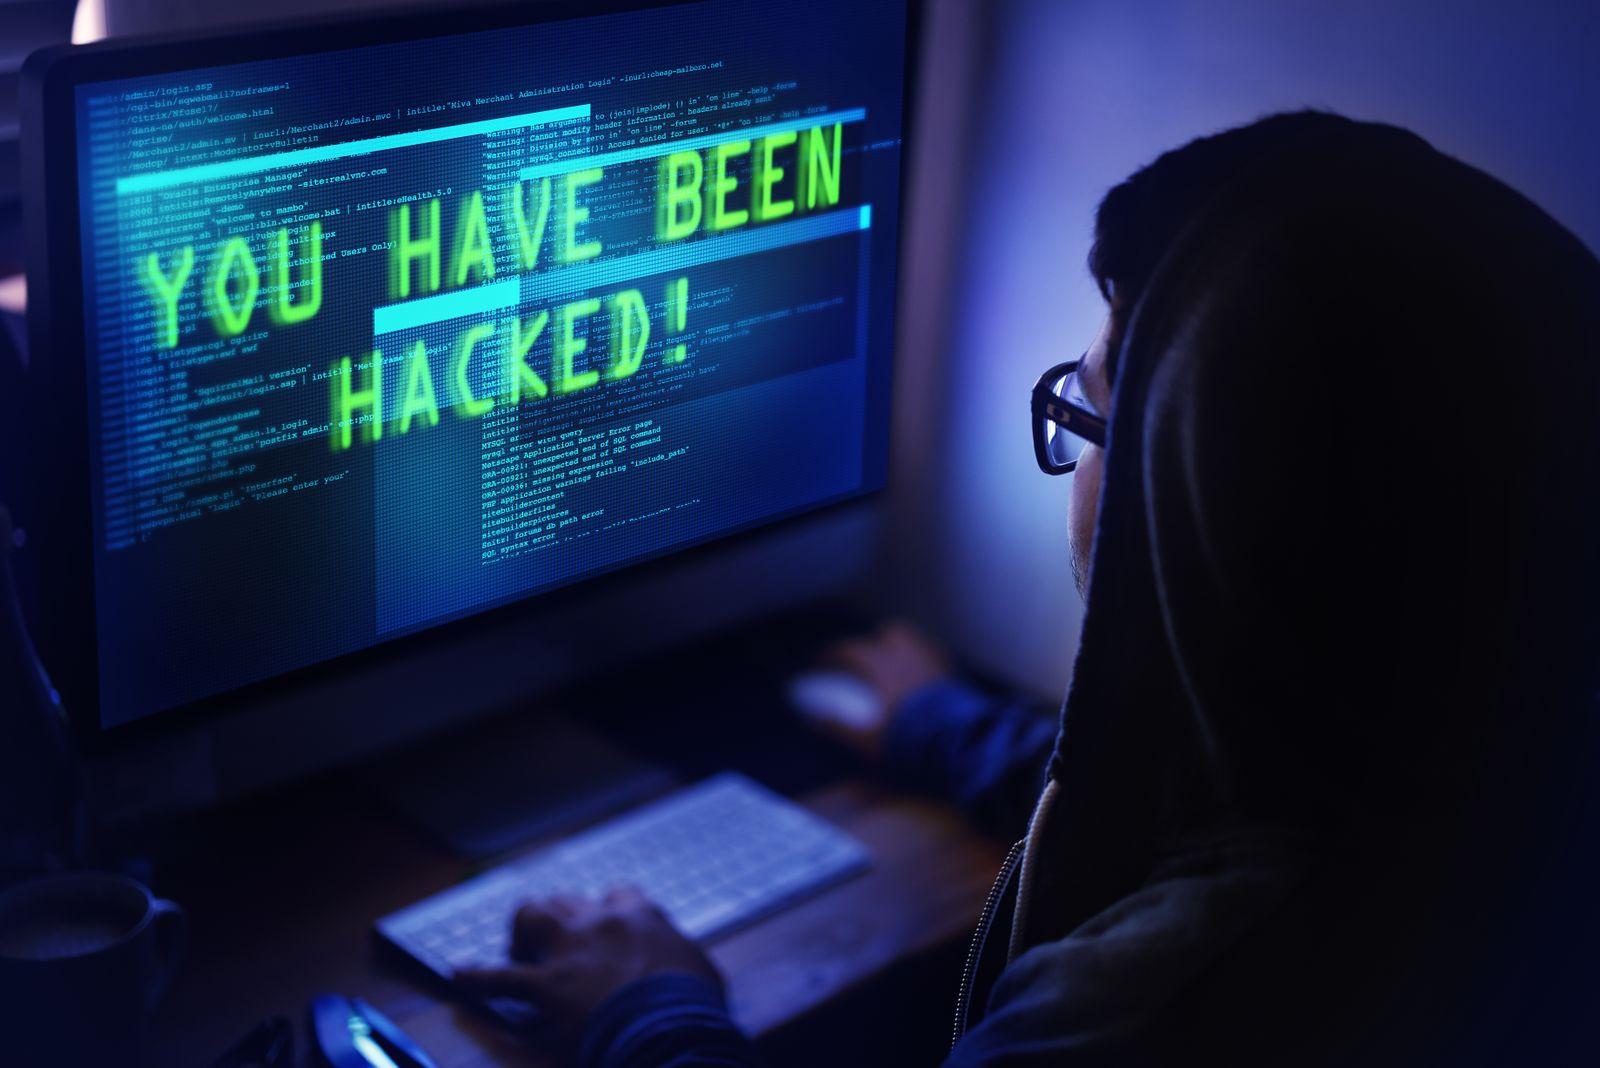 EINMALIGE VERWENDUNG Symbolbild Hacker /Hacking / Hack